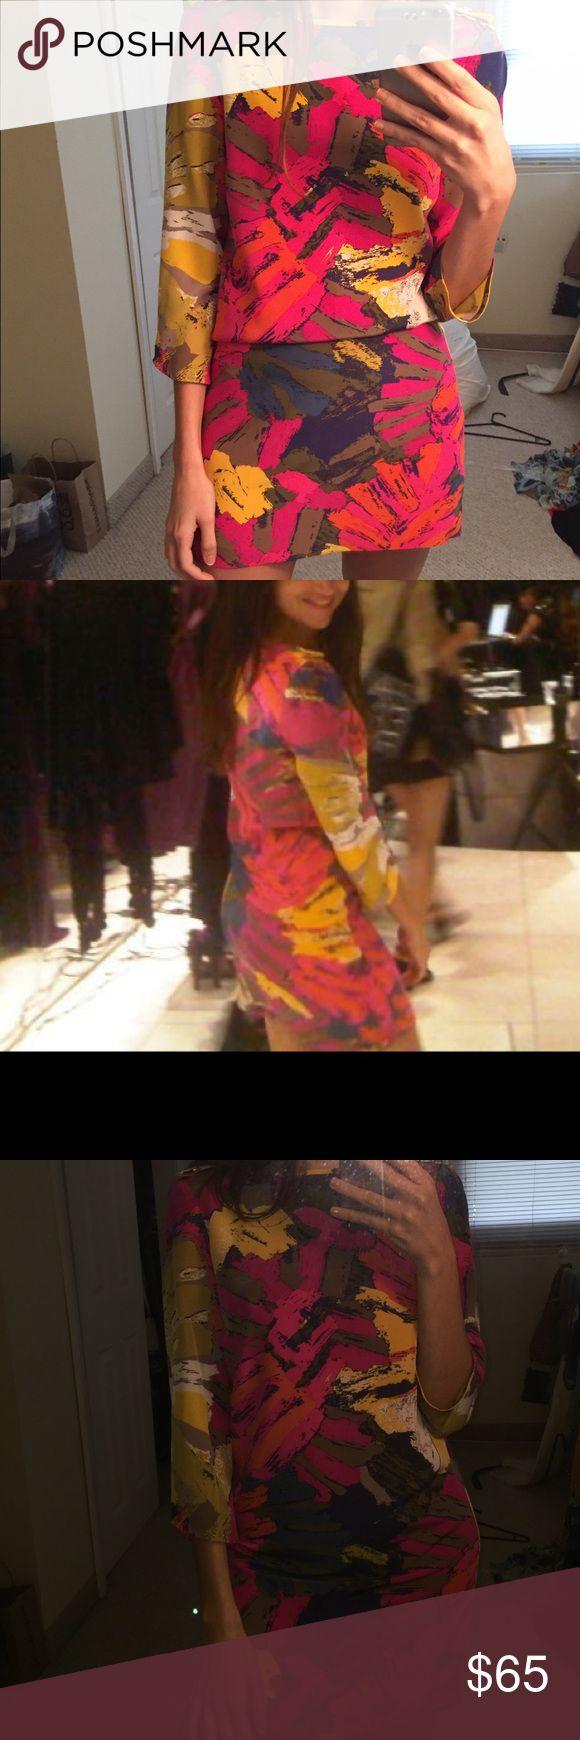 Tibi floral multi color mini dress Tibi dress. Long sleeve, mini dress. Pattern is a multi color / floral tribal. Worn once to a NY Fashion Week event. Tibi Dresses Mini